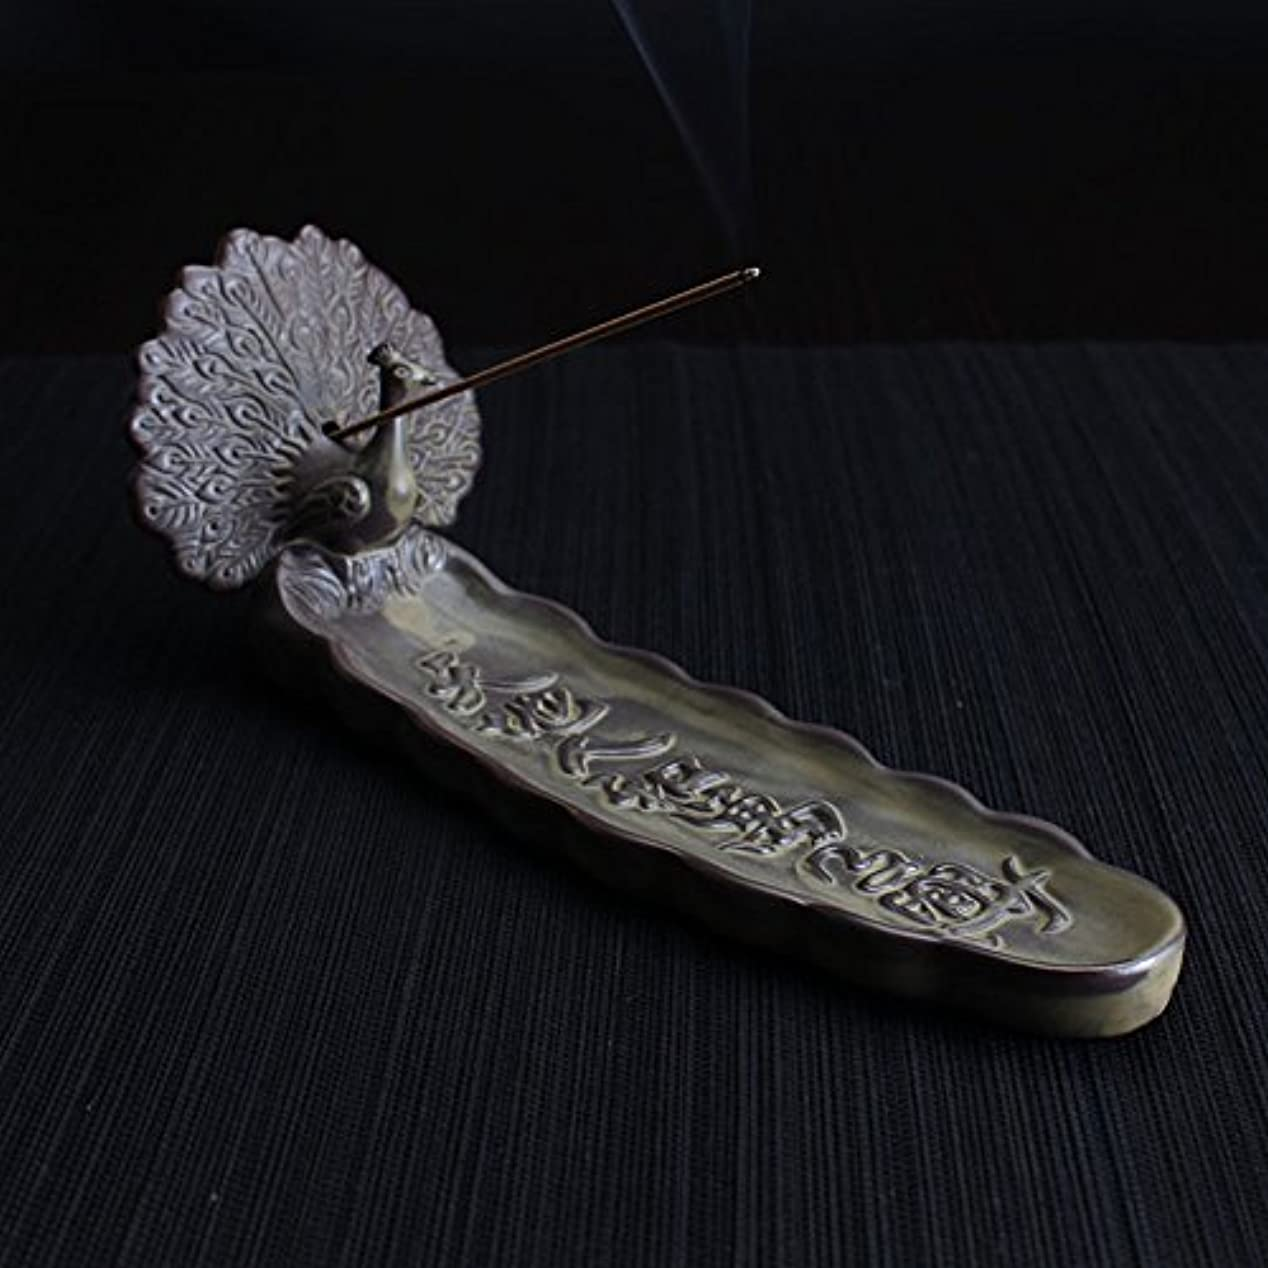 誇りに思うお嬢シリンダー香炉セラミック/ Peacock / Joss stick incense Seat / Heavy Incense Burner